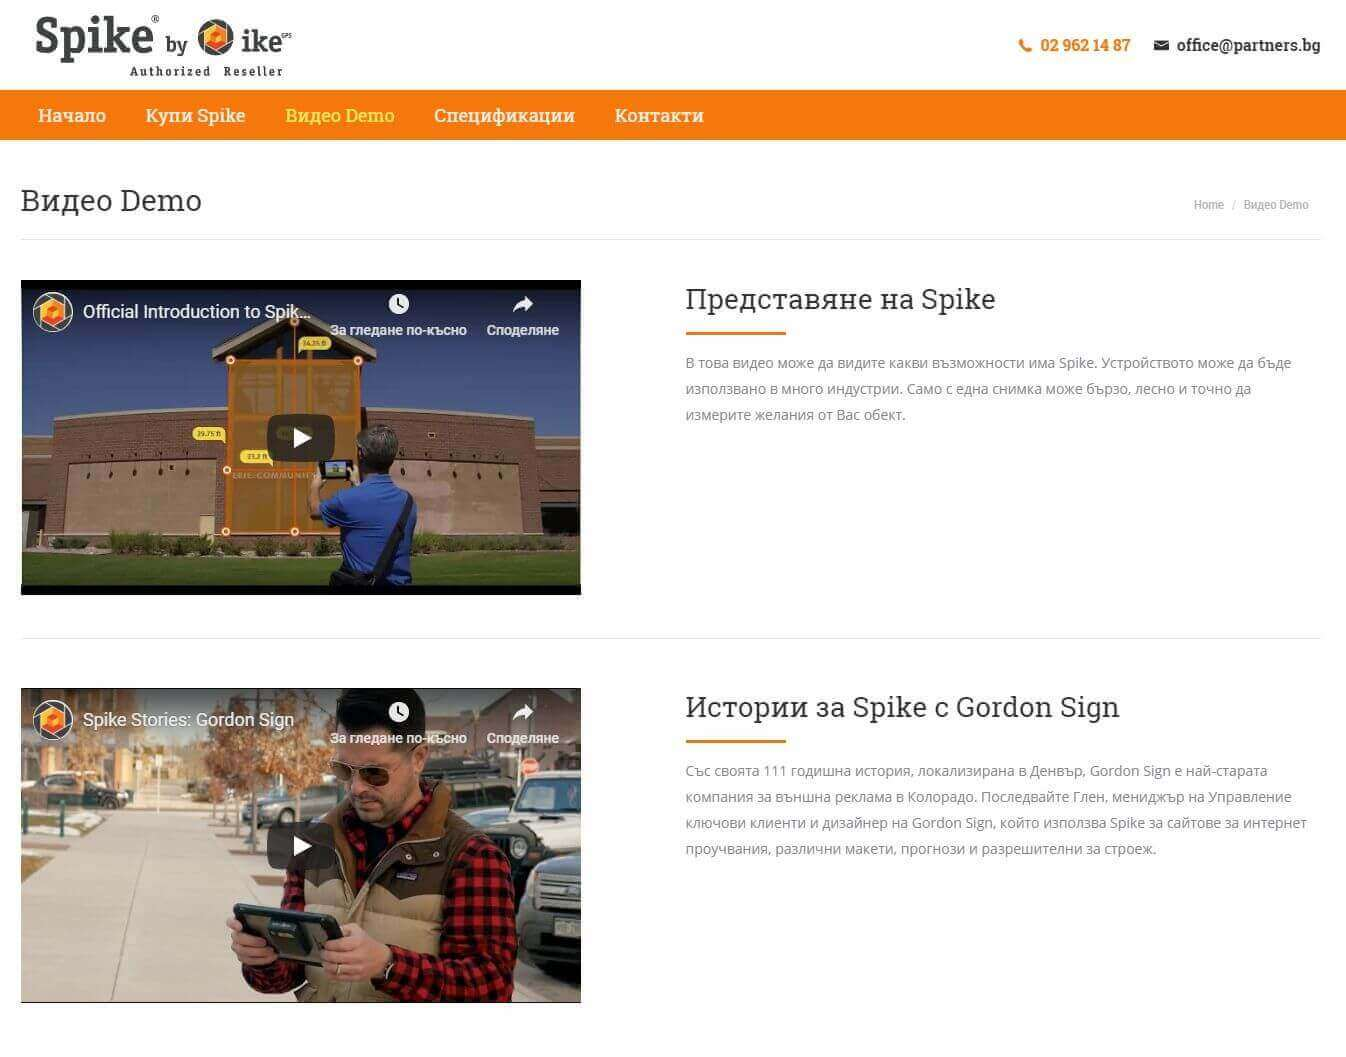 Видео интеграции и уникално съдържание - рекламна агенция Медия Дизайн